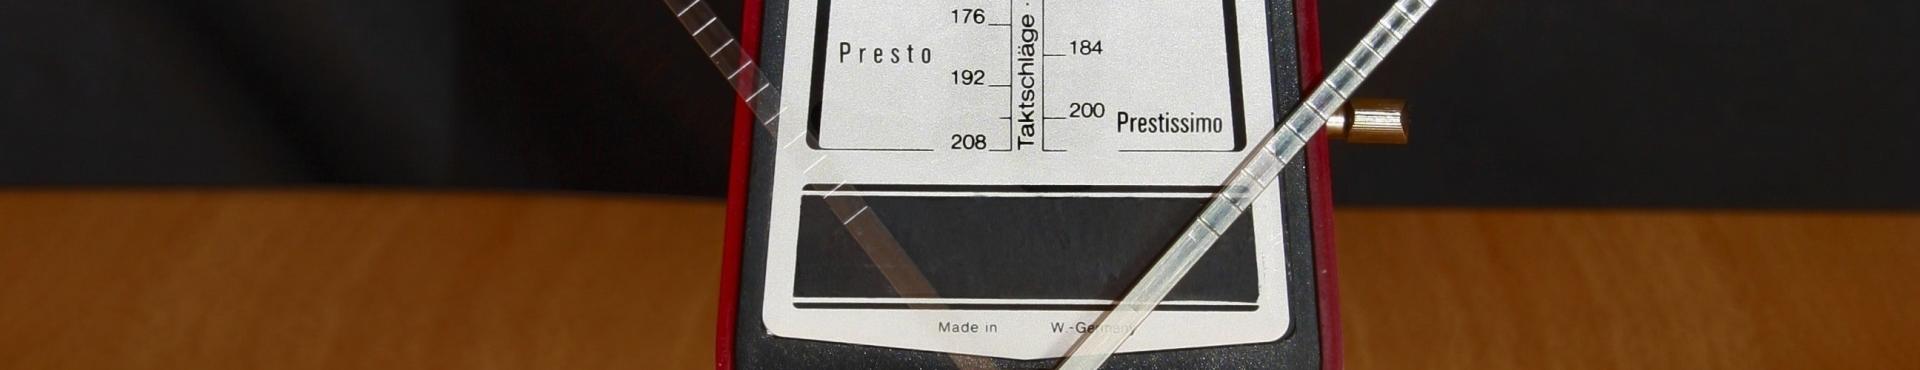 Измервателни и контролни уреди за цвят и цветопредаване